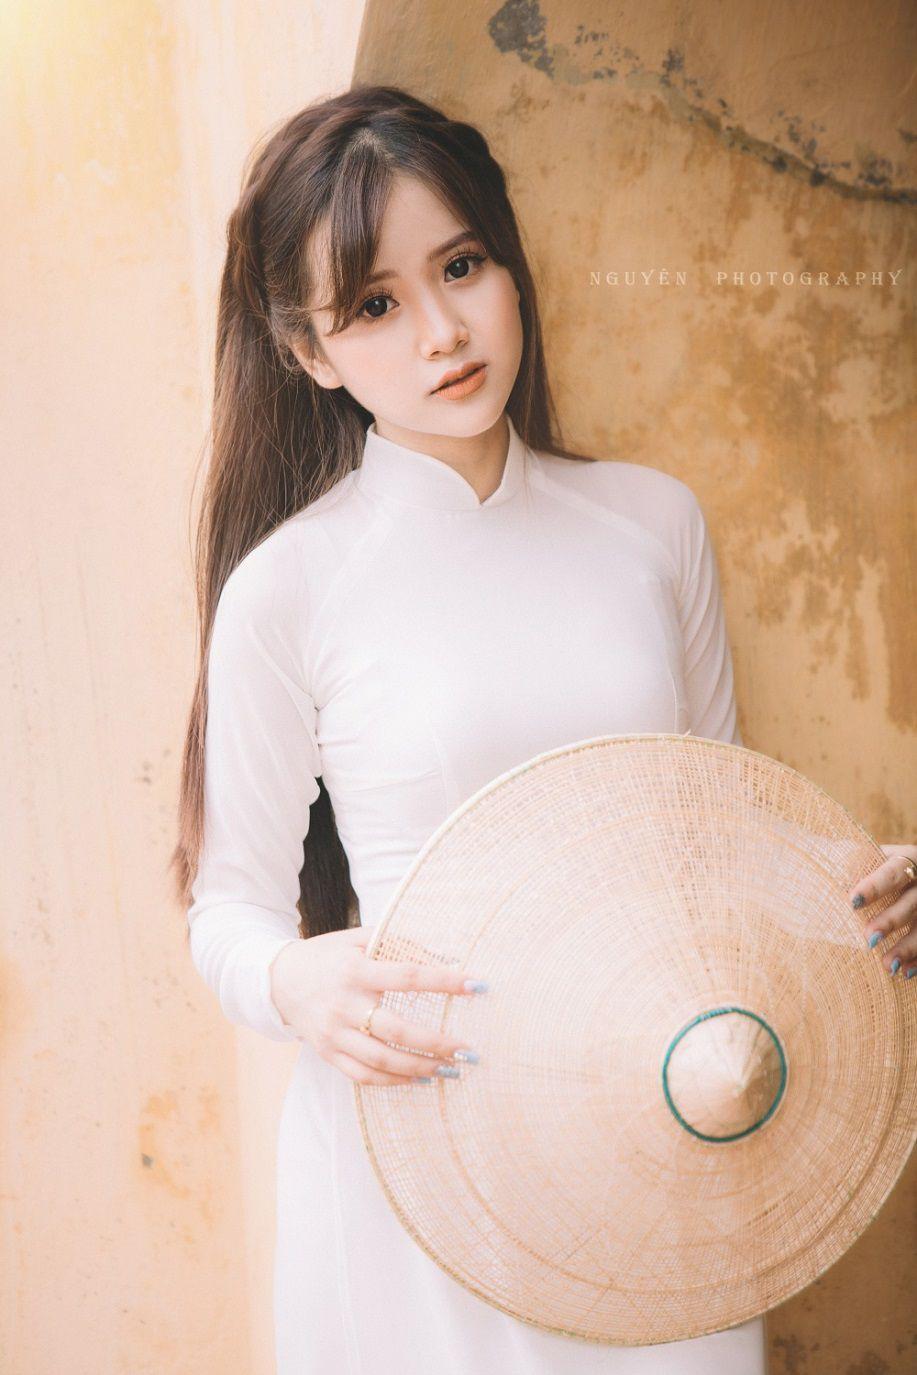 Thiếu nữ Phú Thọ xinh tựa búp bê, sở hữu nụ cười tỏa nắng - 4